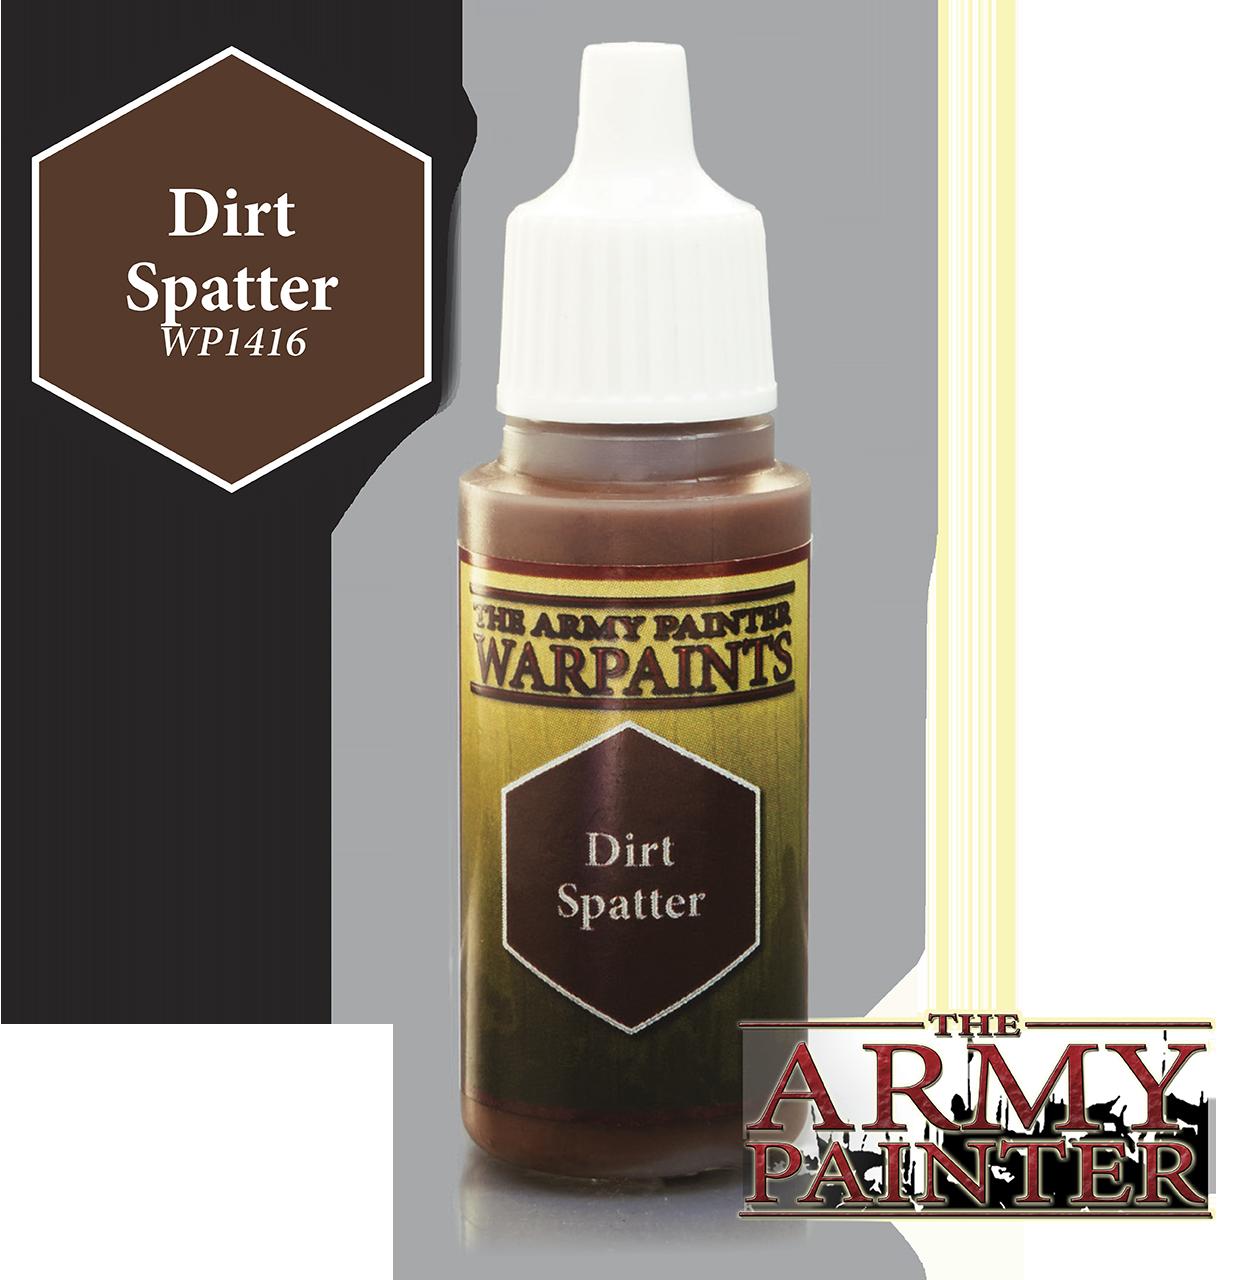 Dirt Splatter - Army Painter Warpaints WP1416